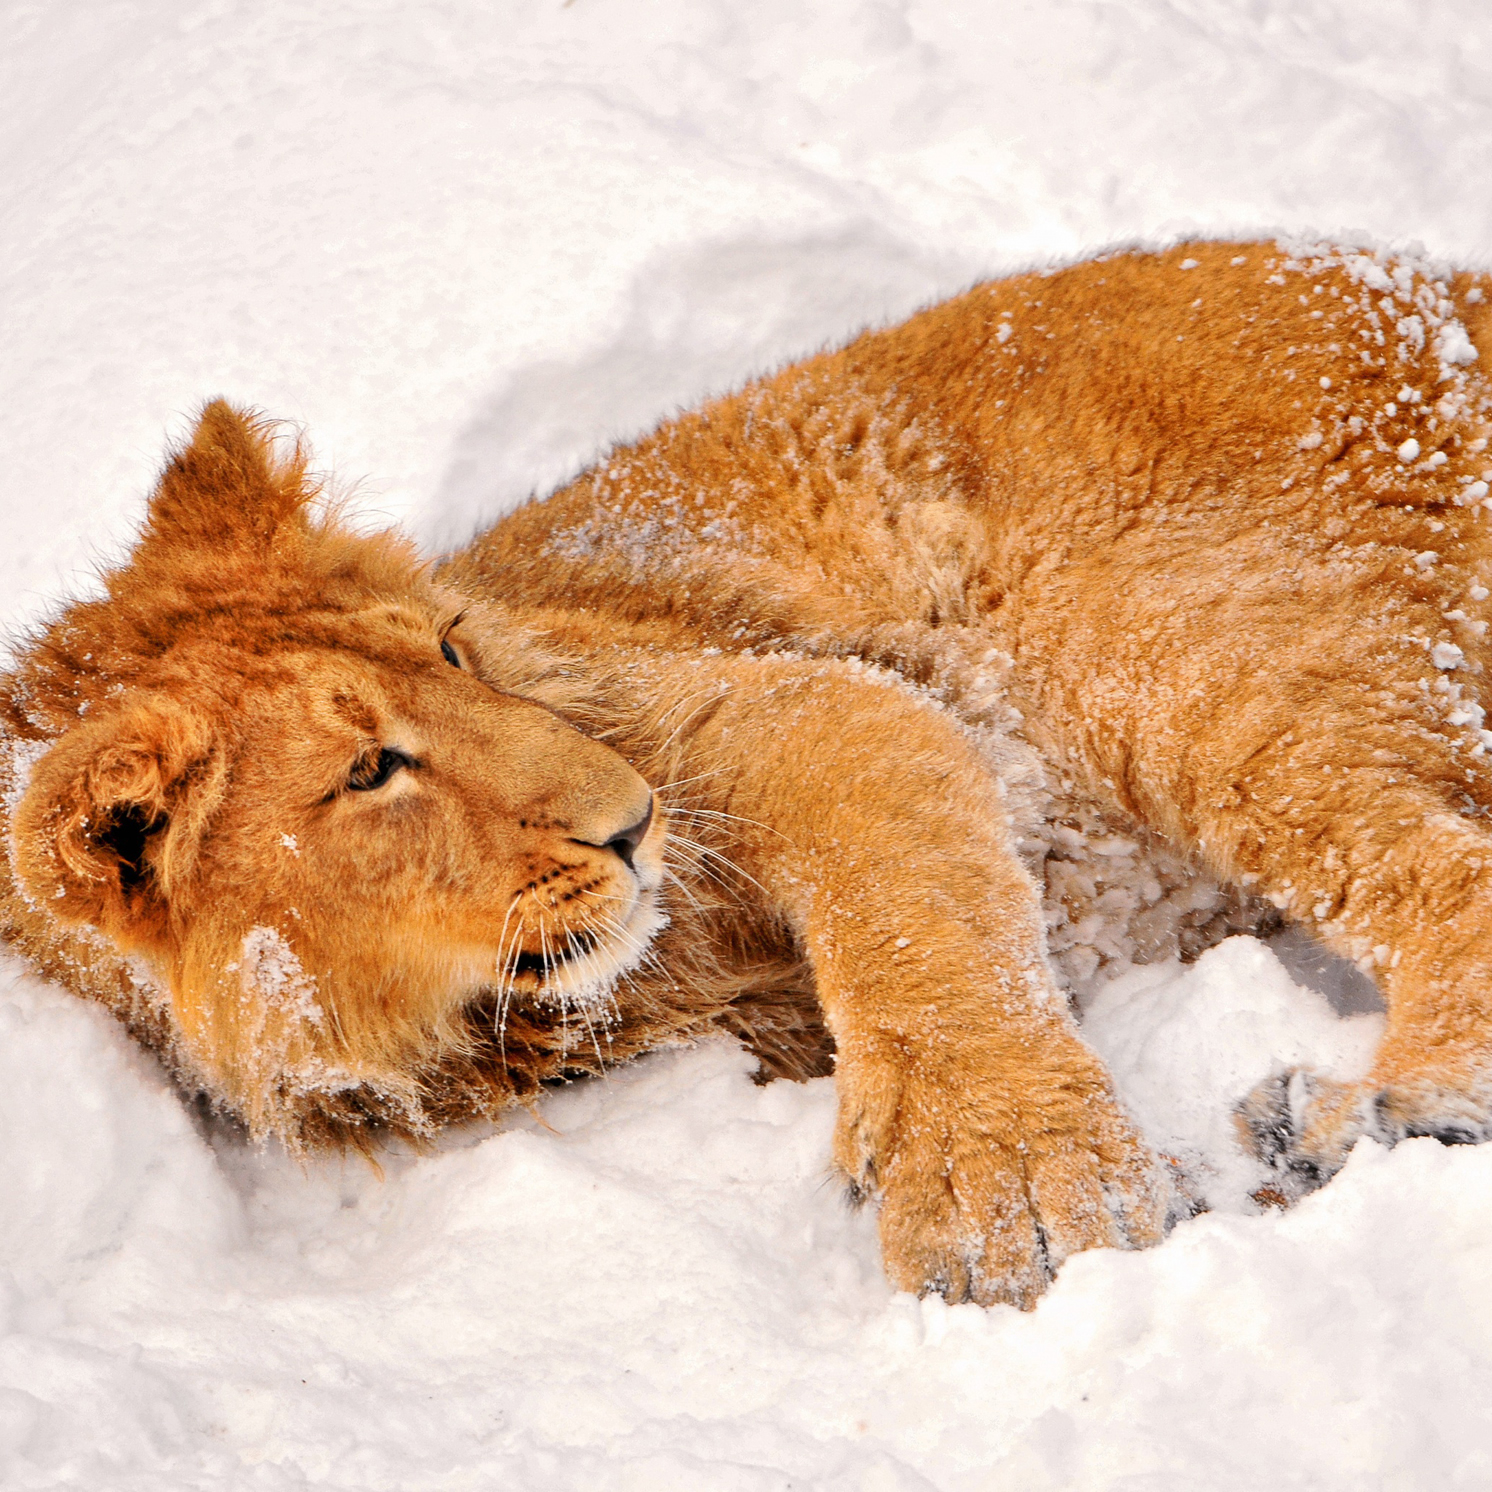 маленький рыжий львенок на снегу, скачать фото, обои для рабочего стола